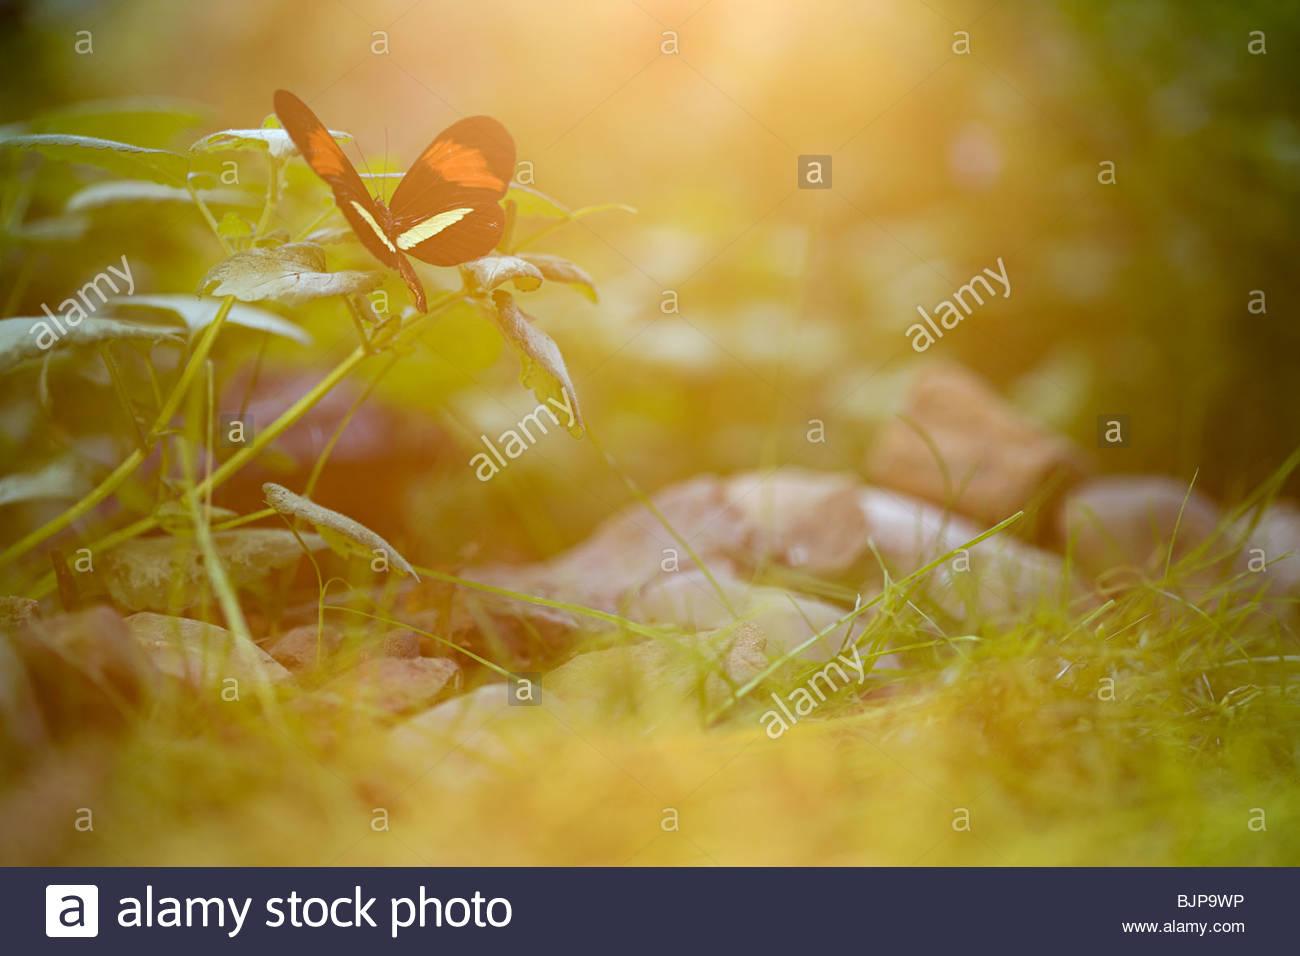 Farfalla sulla pianta Immagini Stock